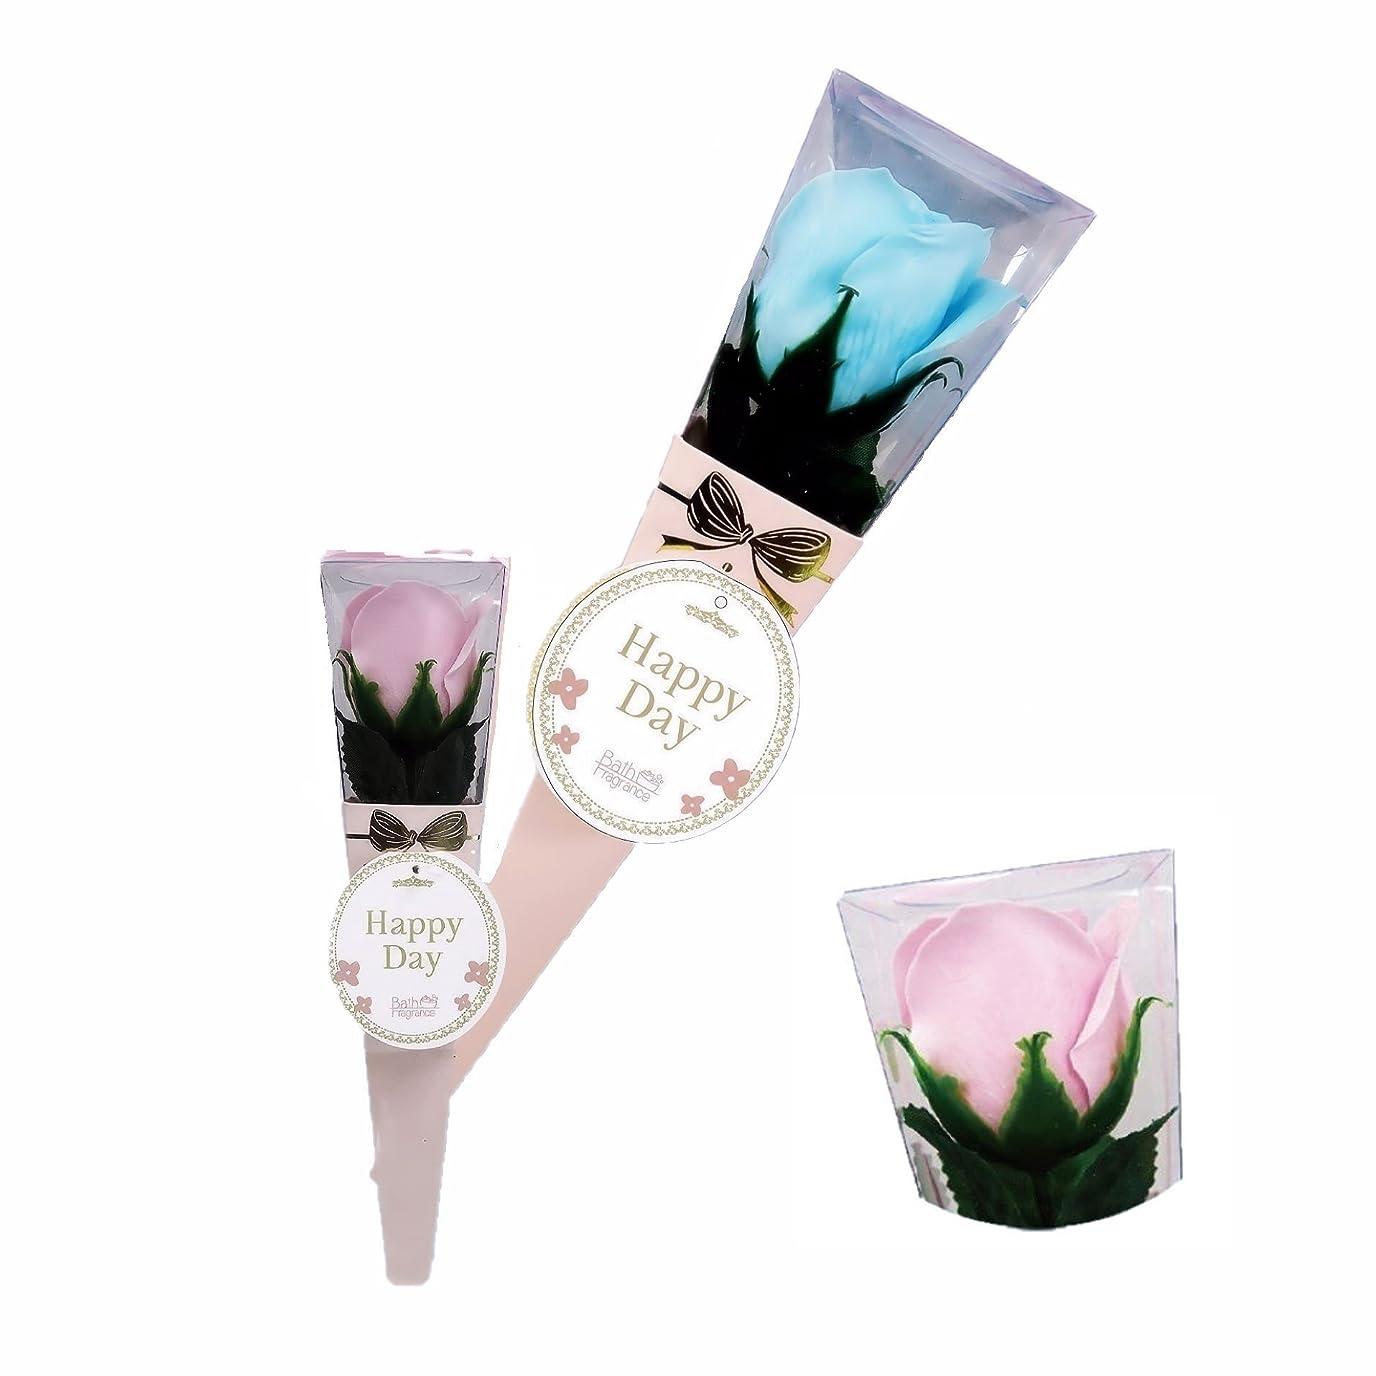 捕虜段階戸棚バスフレグランス ミニローズブーケ ピンク バスフラワー ギフト お花の形の入浴剤